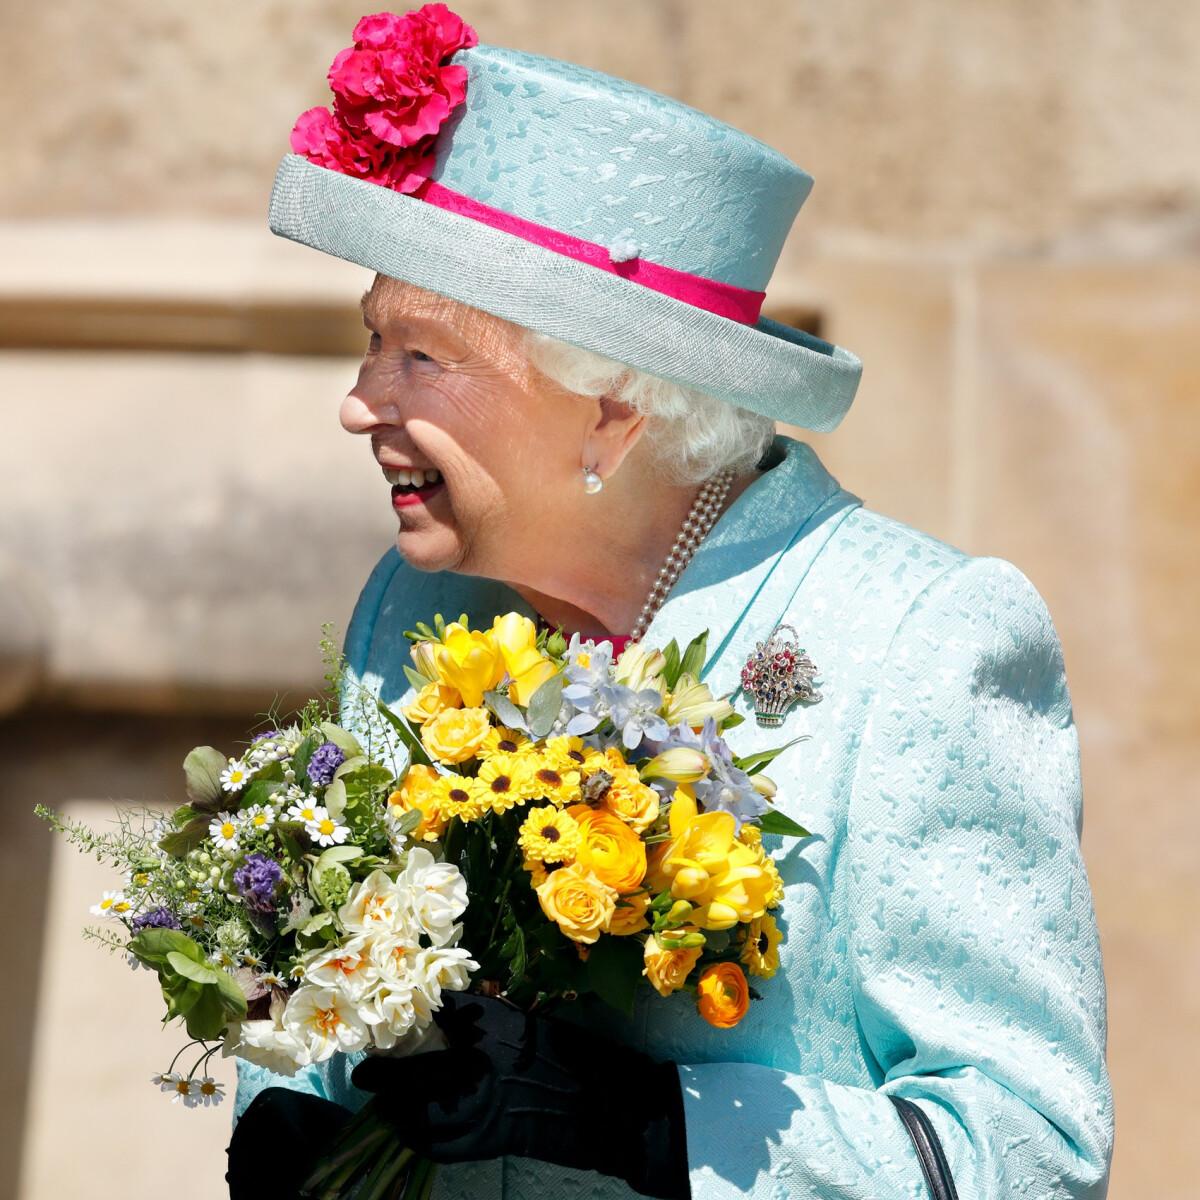 Kiderült, hogyan tölti az ünnepeket a brit királyi család